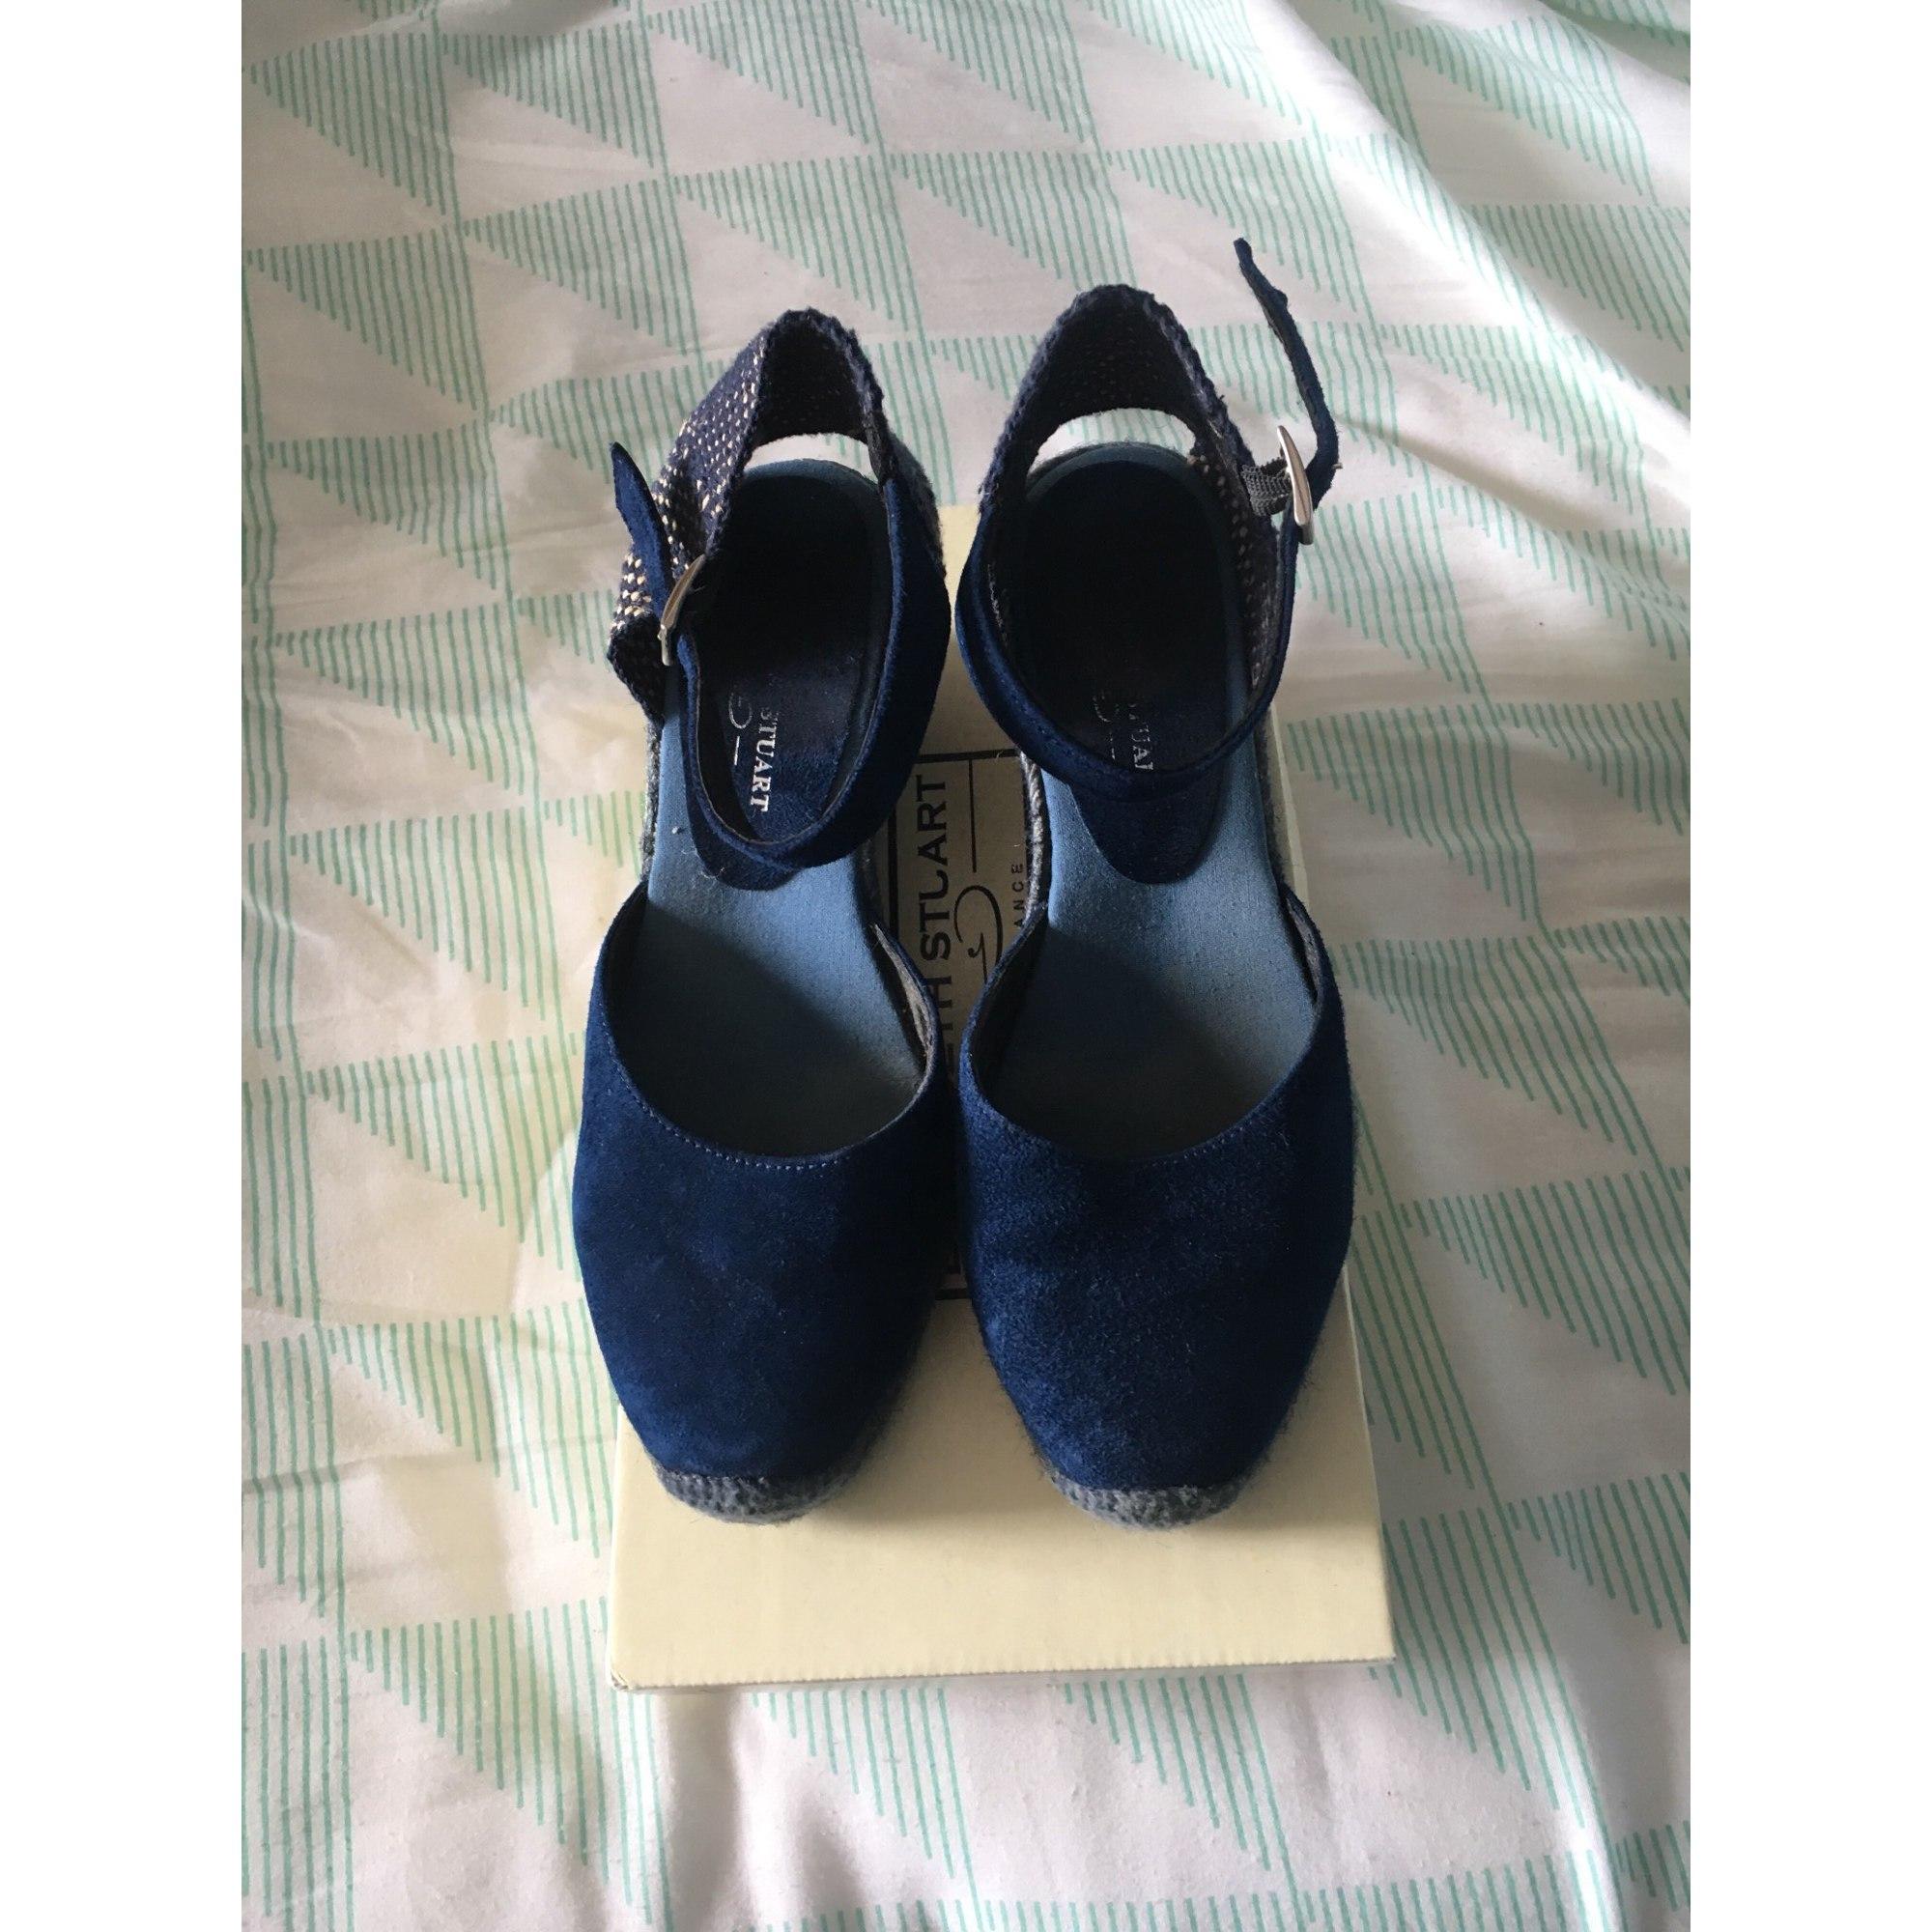 Sandales 37 Bleu Stuart Elizabeth 7844331 Compensées j54R3ALq